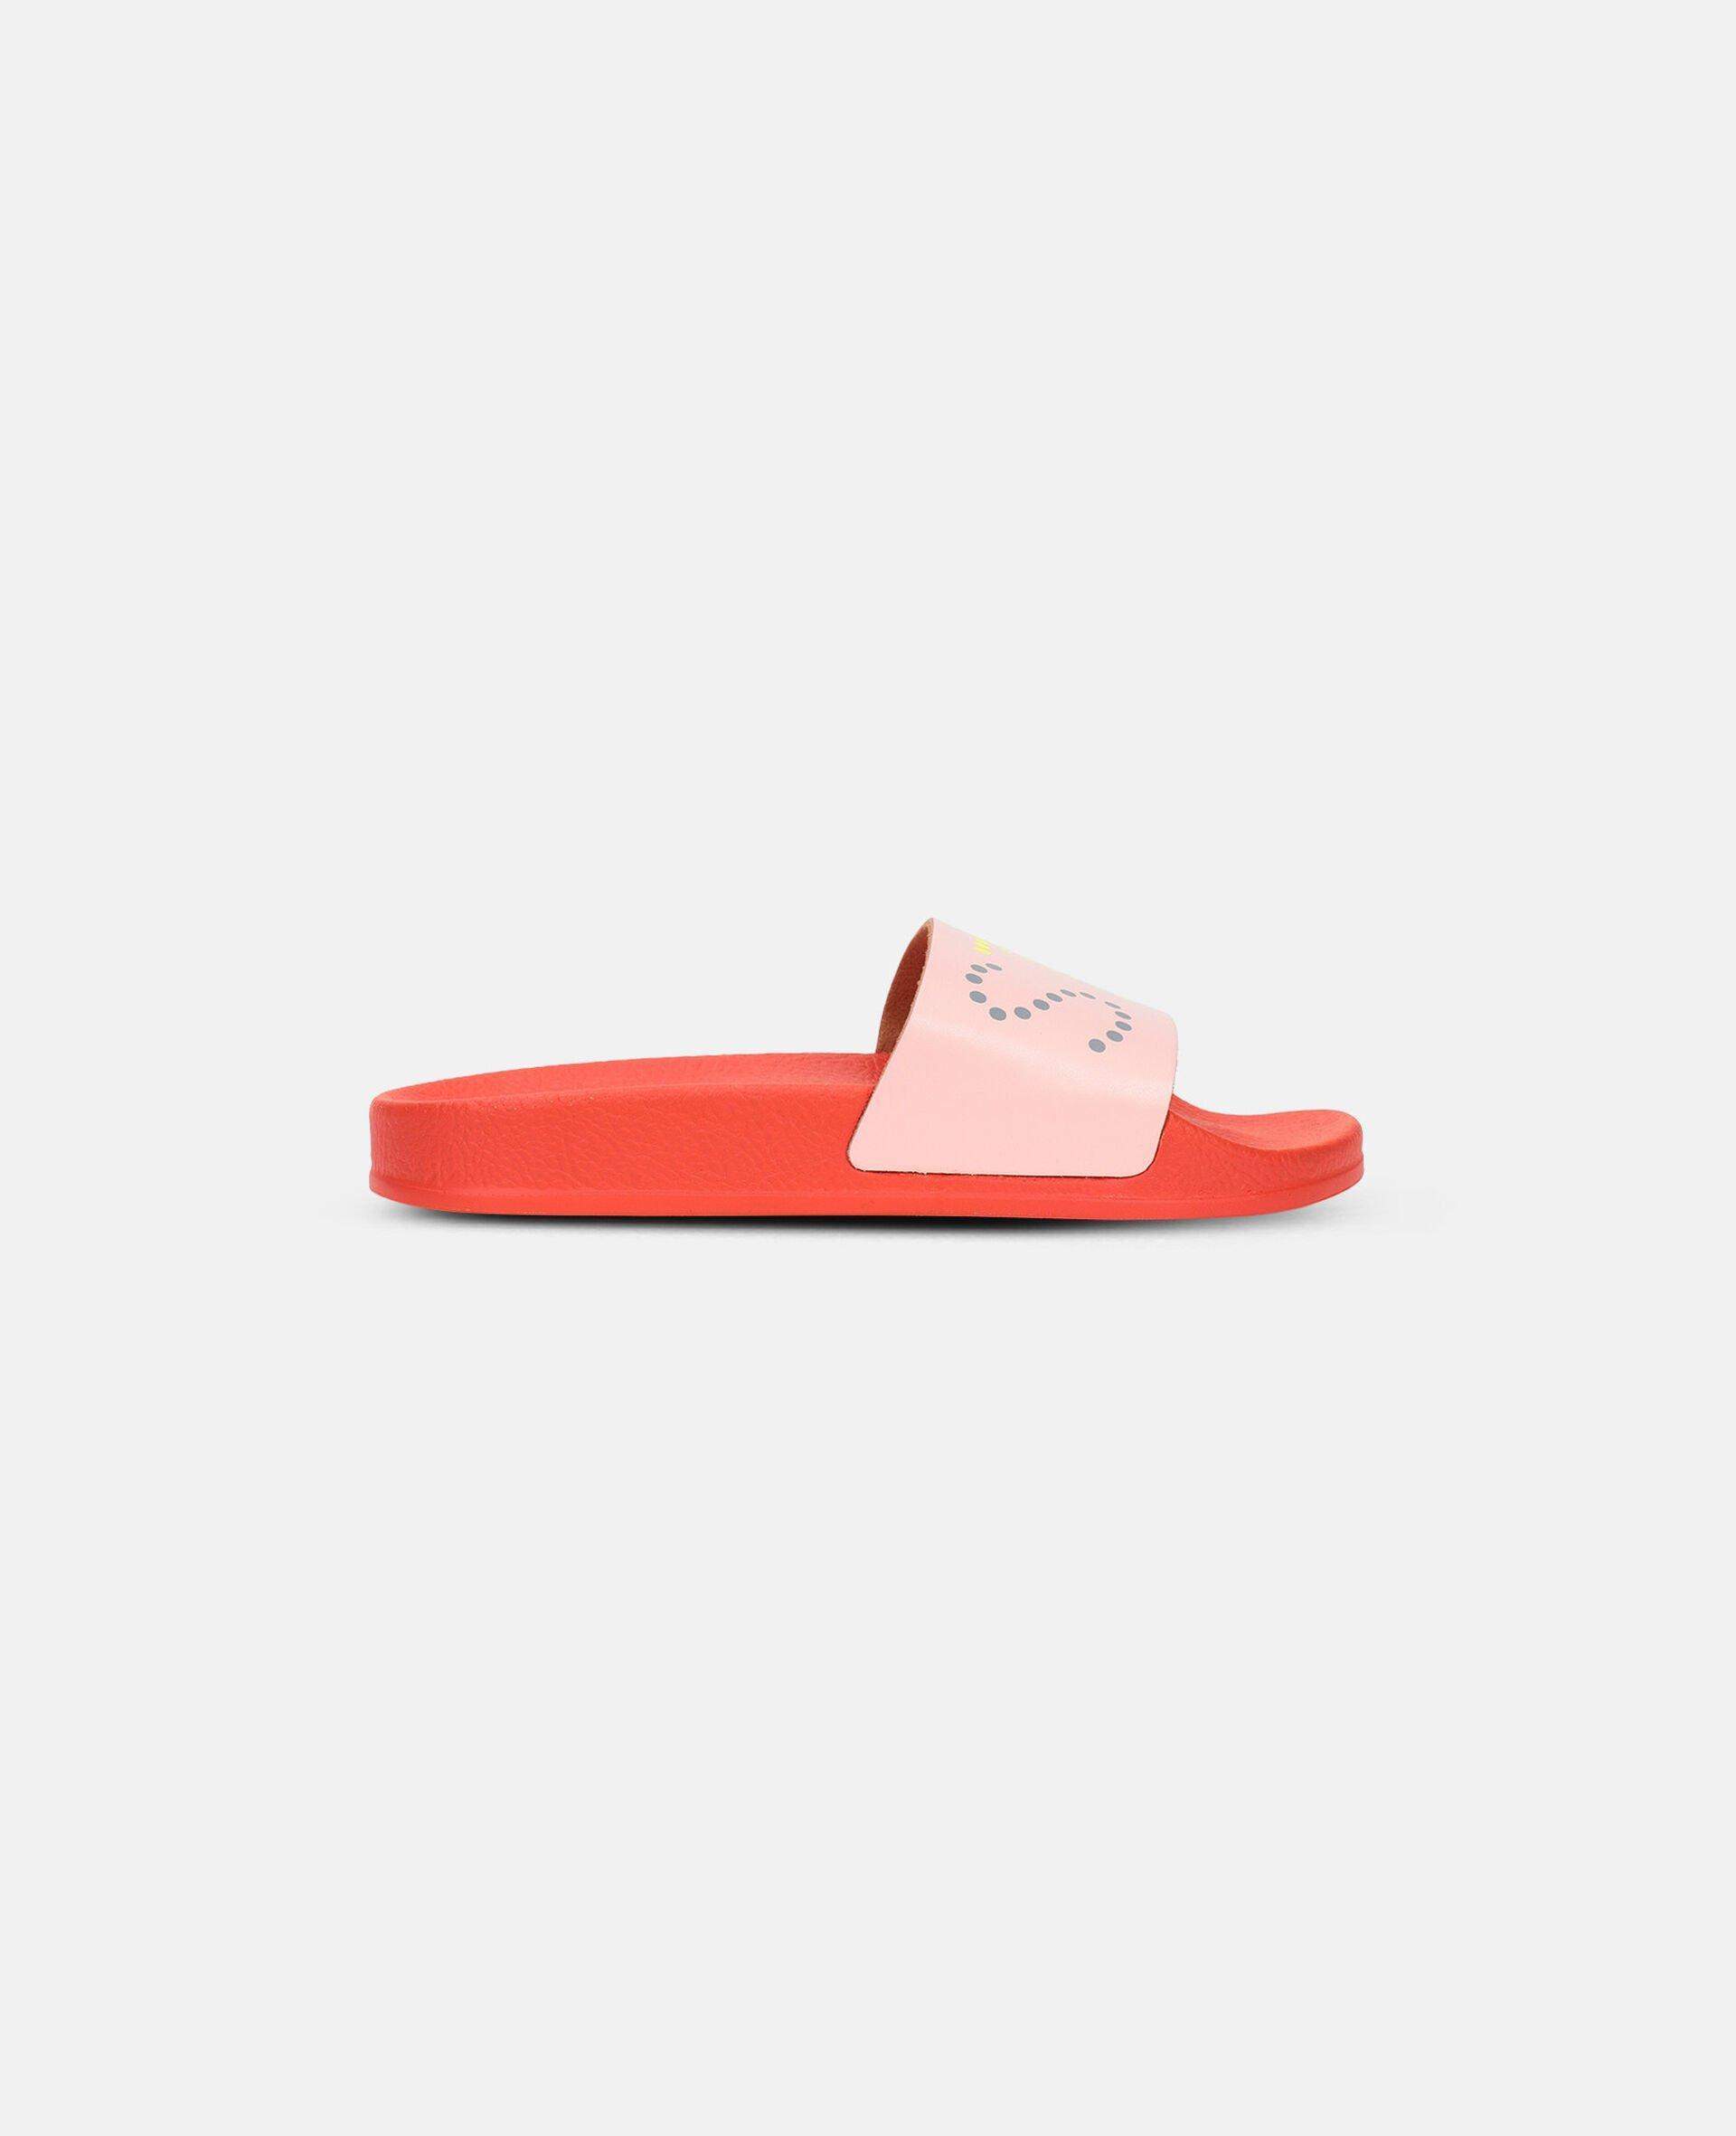 ステラ ロゴ スライダーズ -ピンク-large image number 0